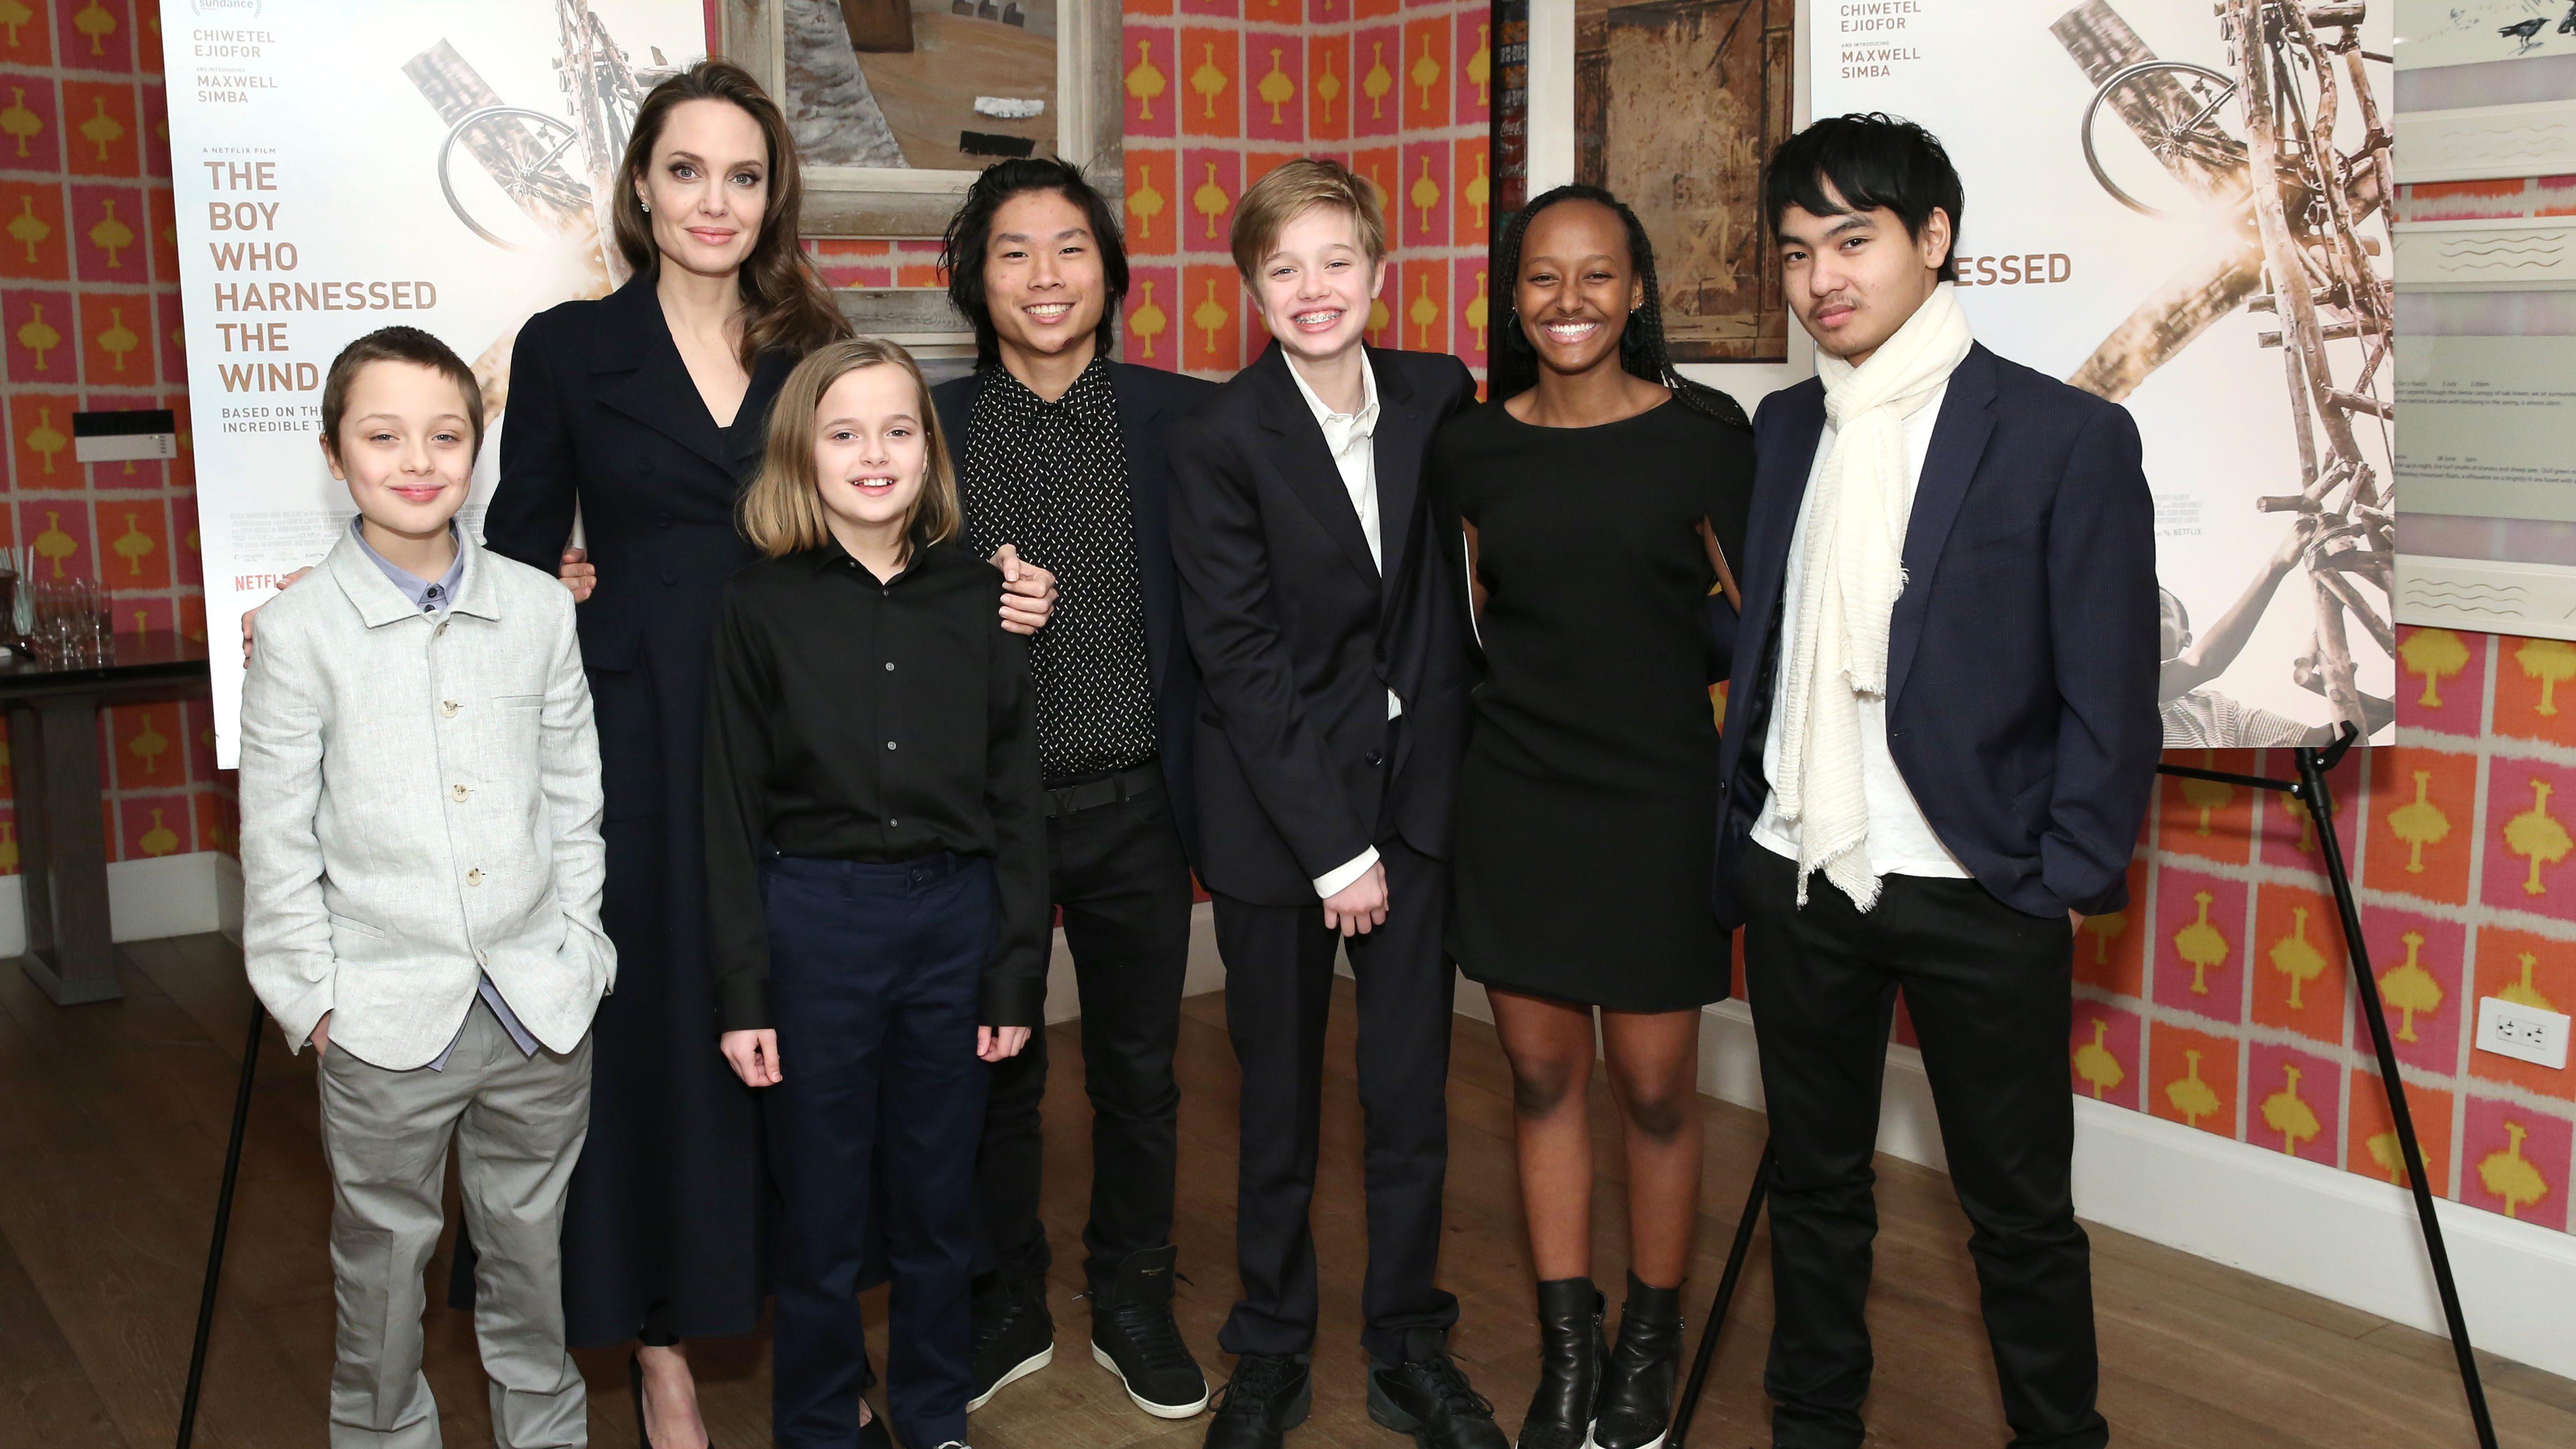 Angelina Jolie and Brad Pitt's Kids: Meet the Stars' 6 Children